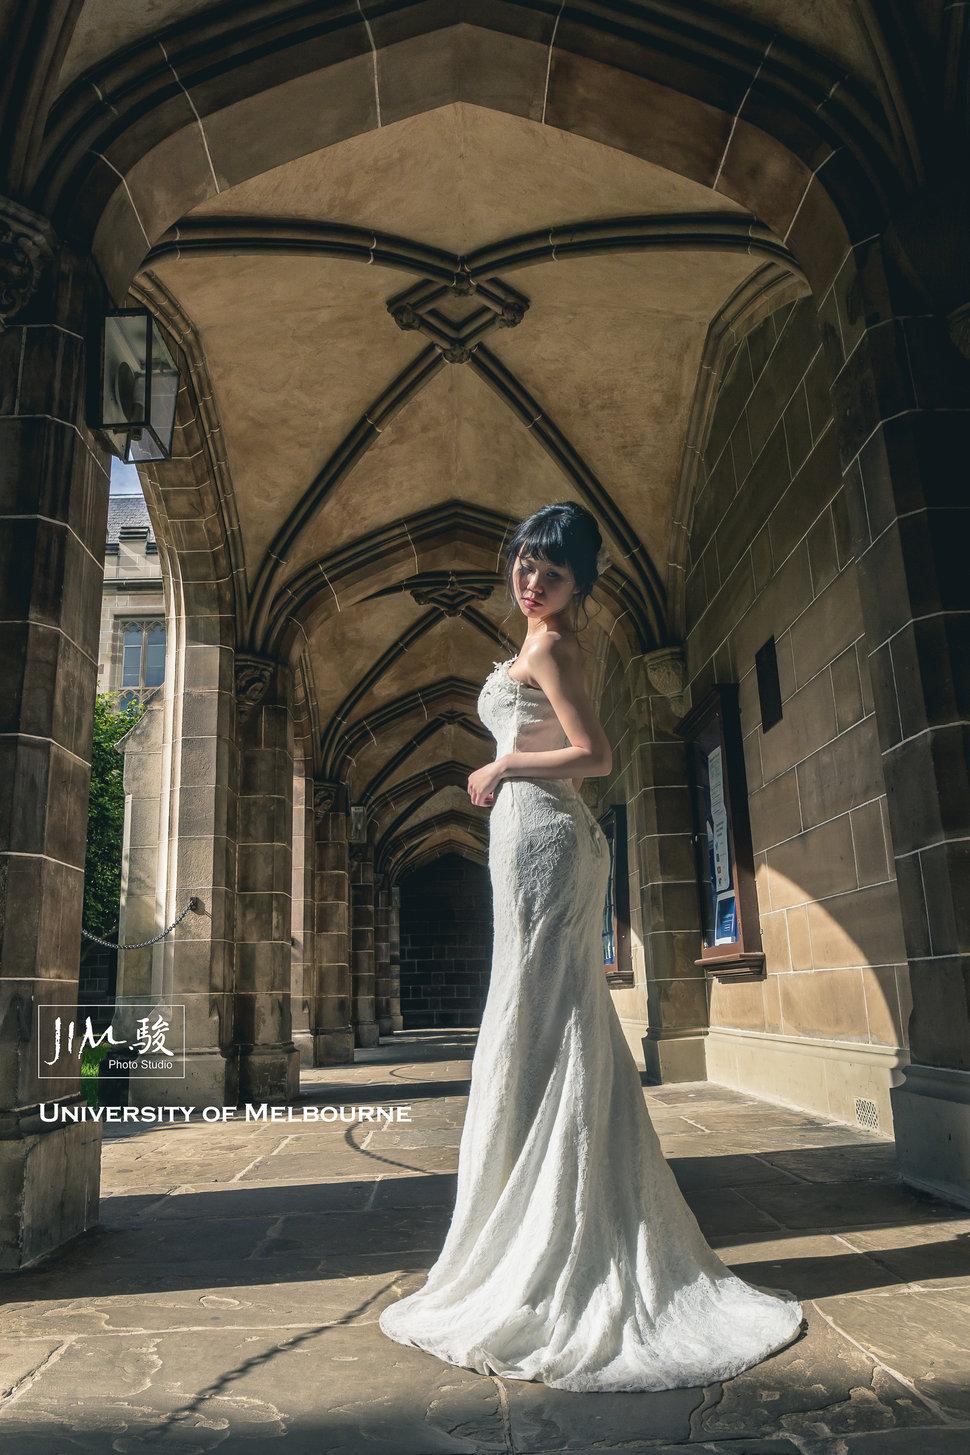 (編號:430261) - JIM 駿 PHOTO Studio - 結婚吧一站式婚禮服務平台